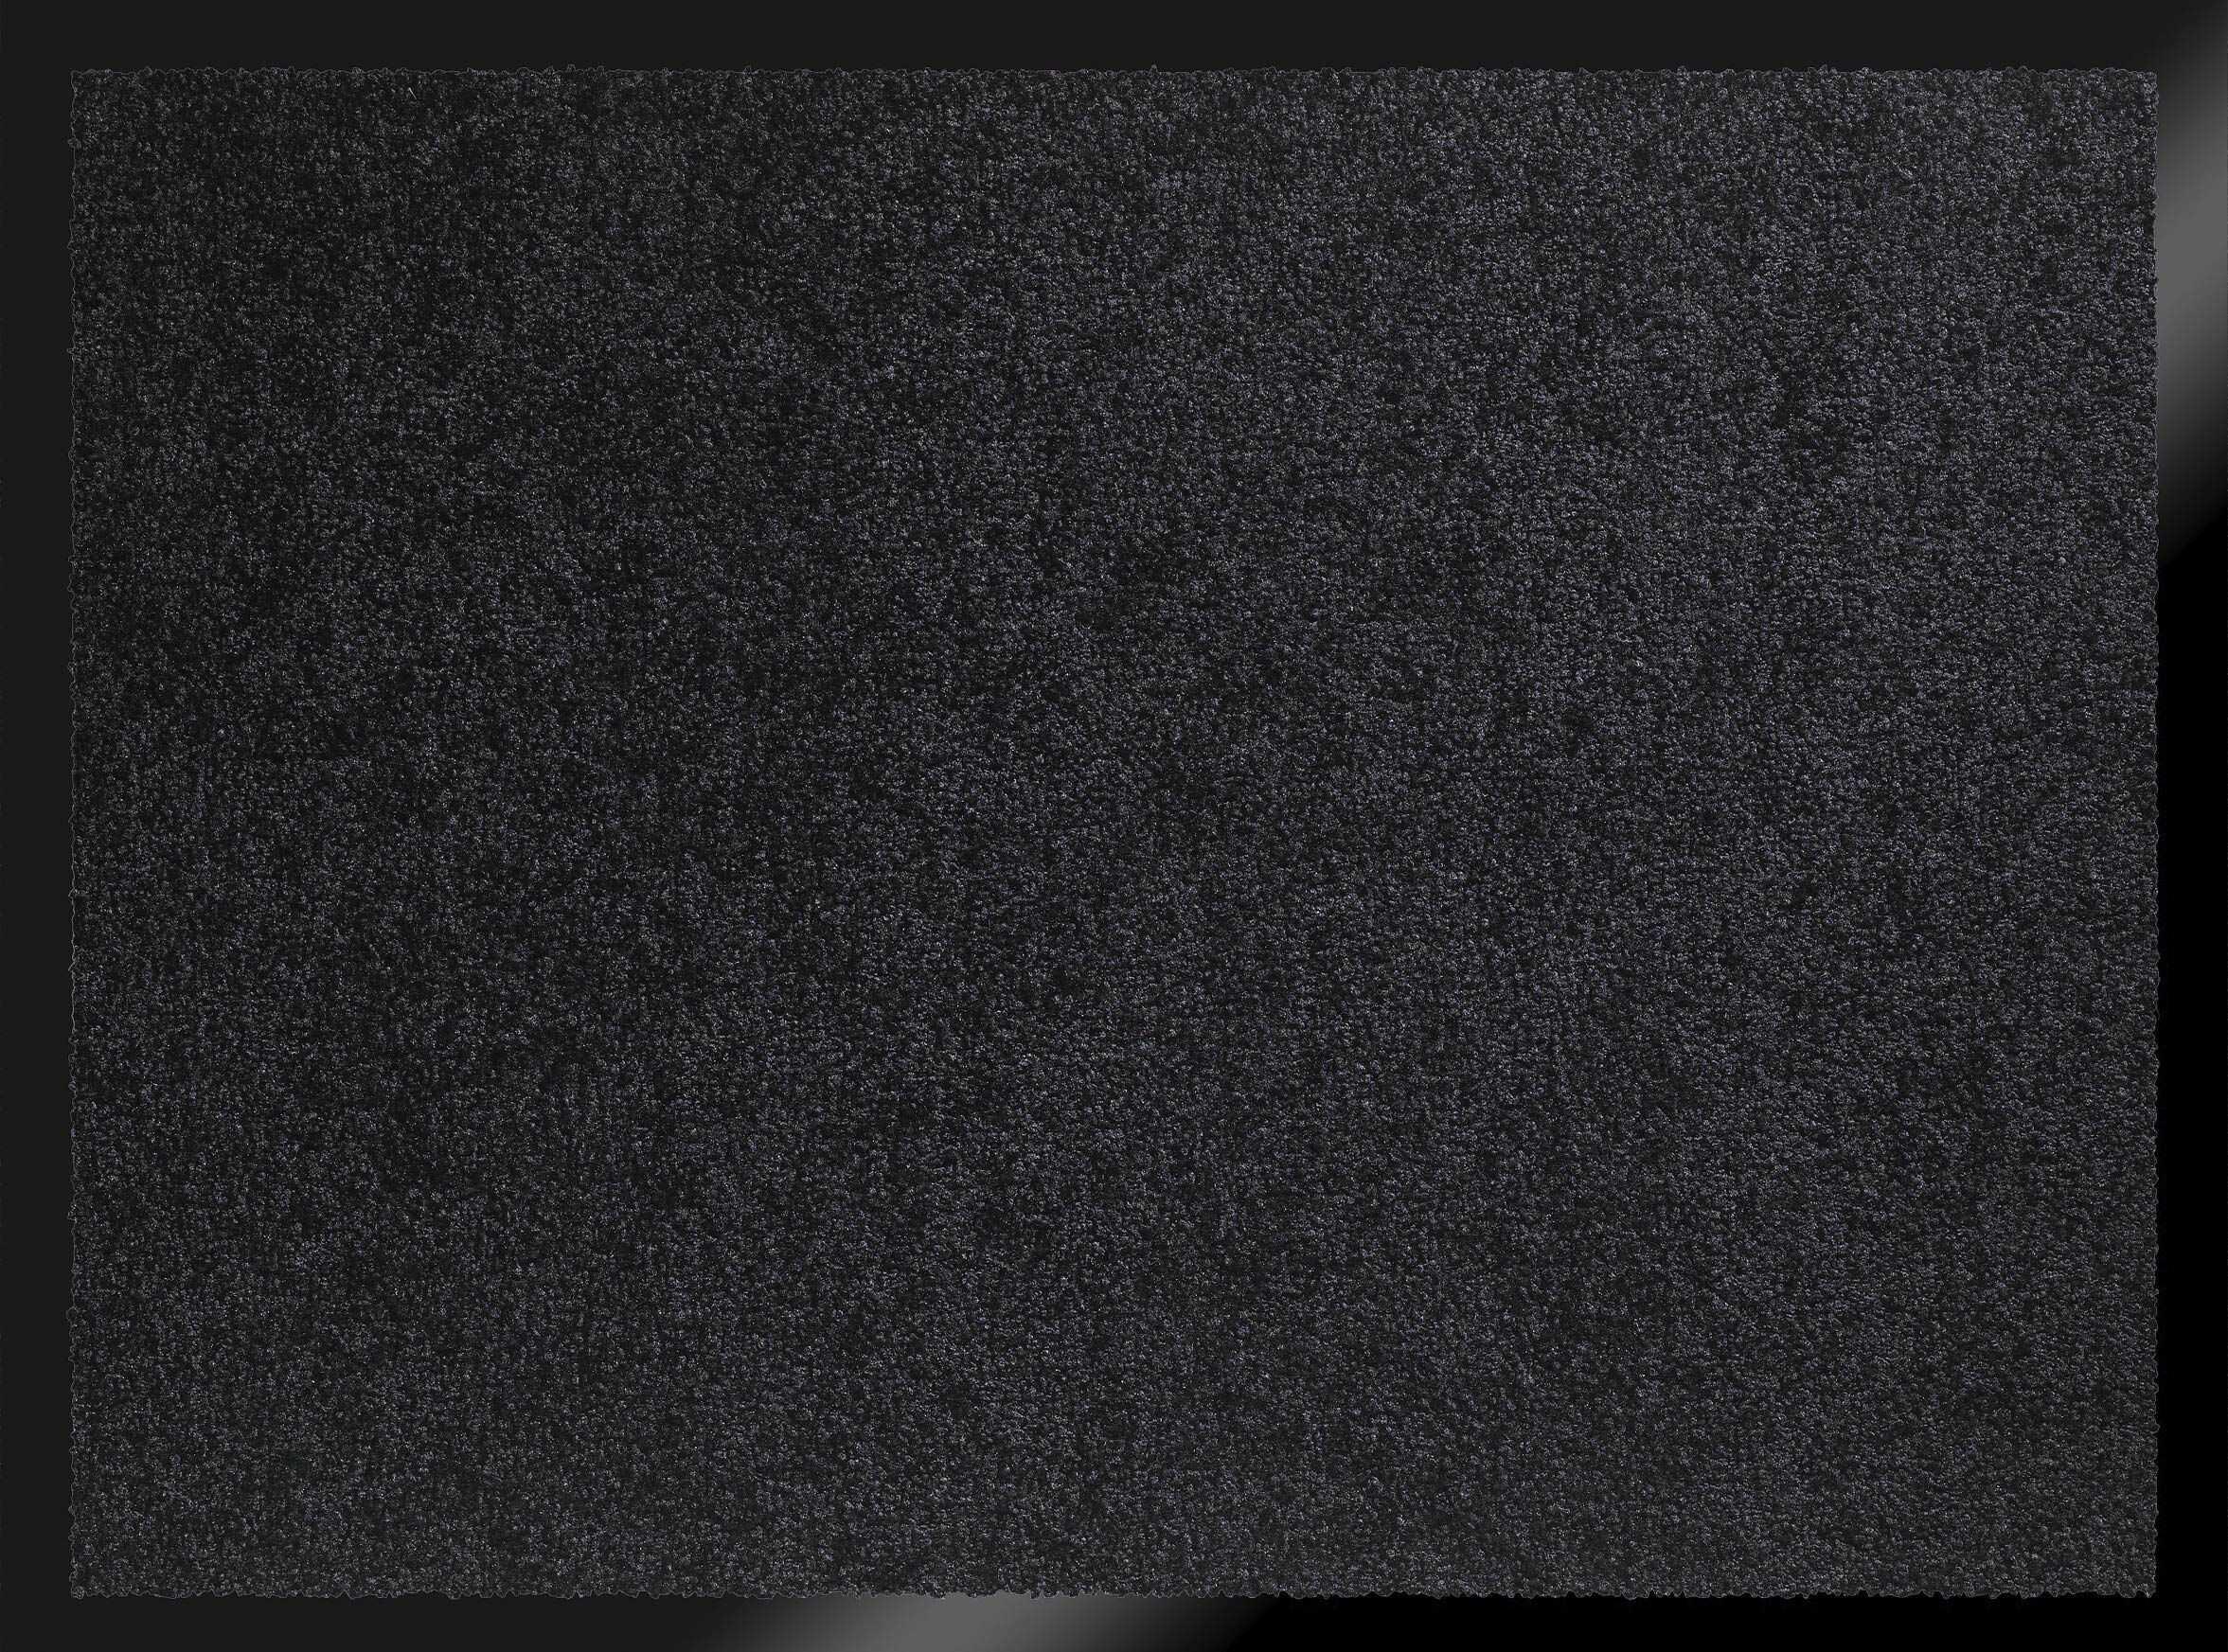 ID mat t 608005 Mirande dywan wycieraczka włókno nylon/PCW gumowany 80 x 60 x 0,9 cm, czarny, 60 x 80 cm